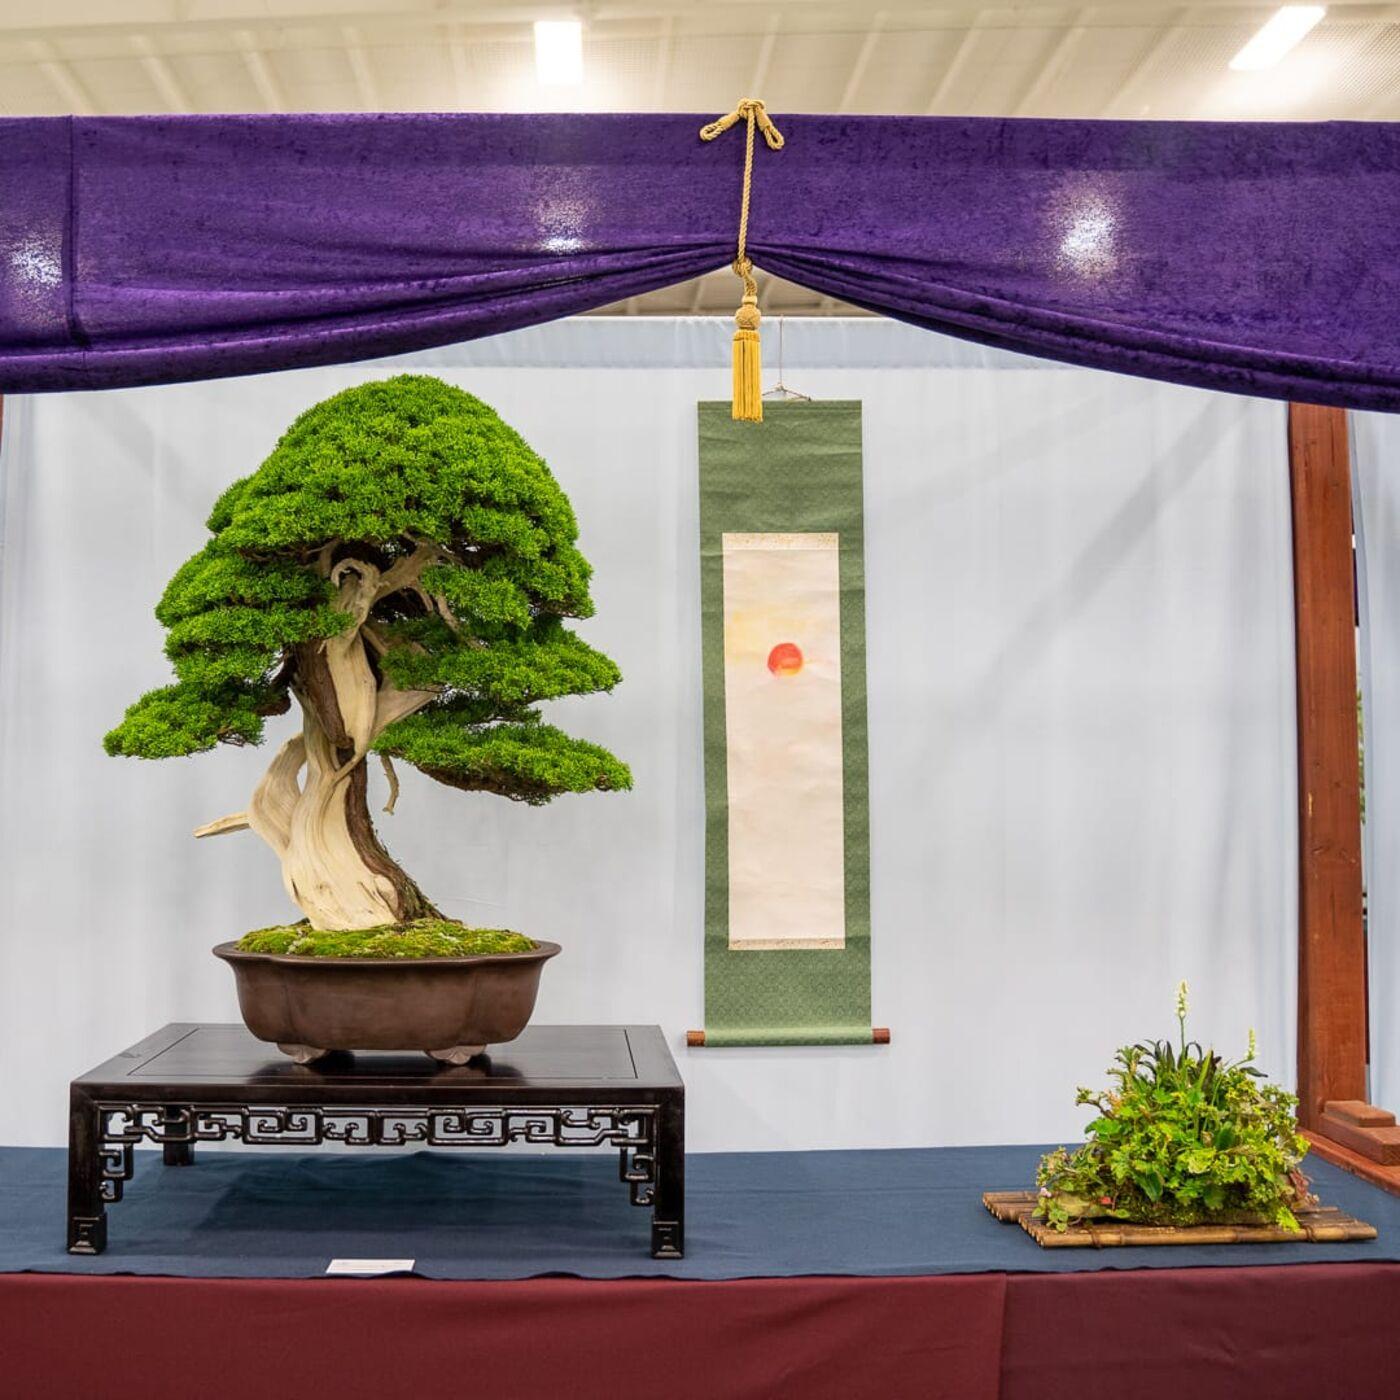 U.S. National Bonsai Exhibition Critique